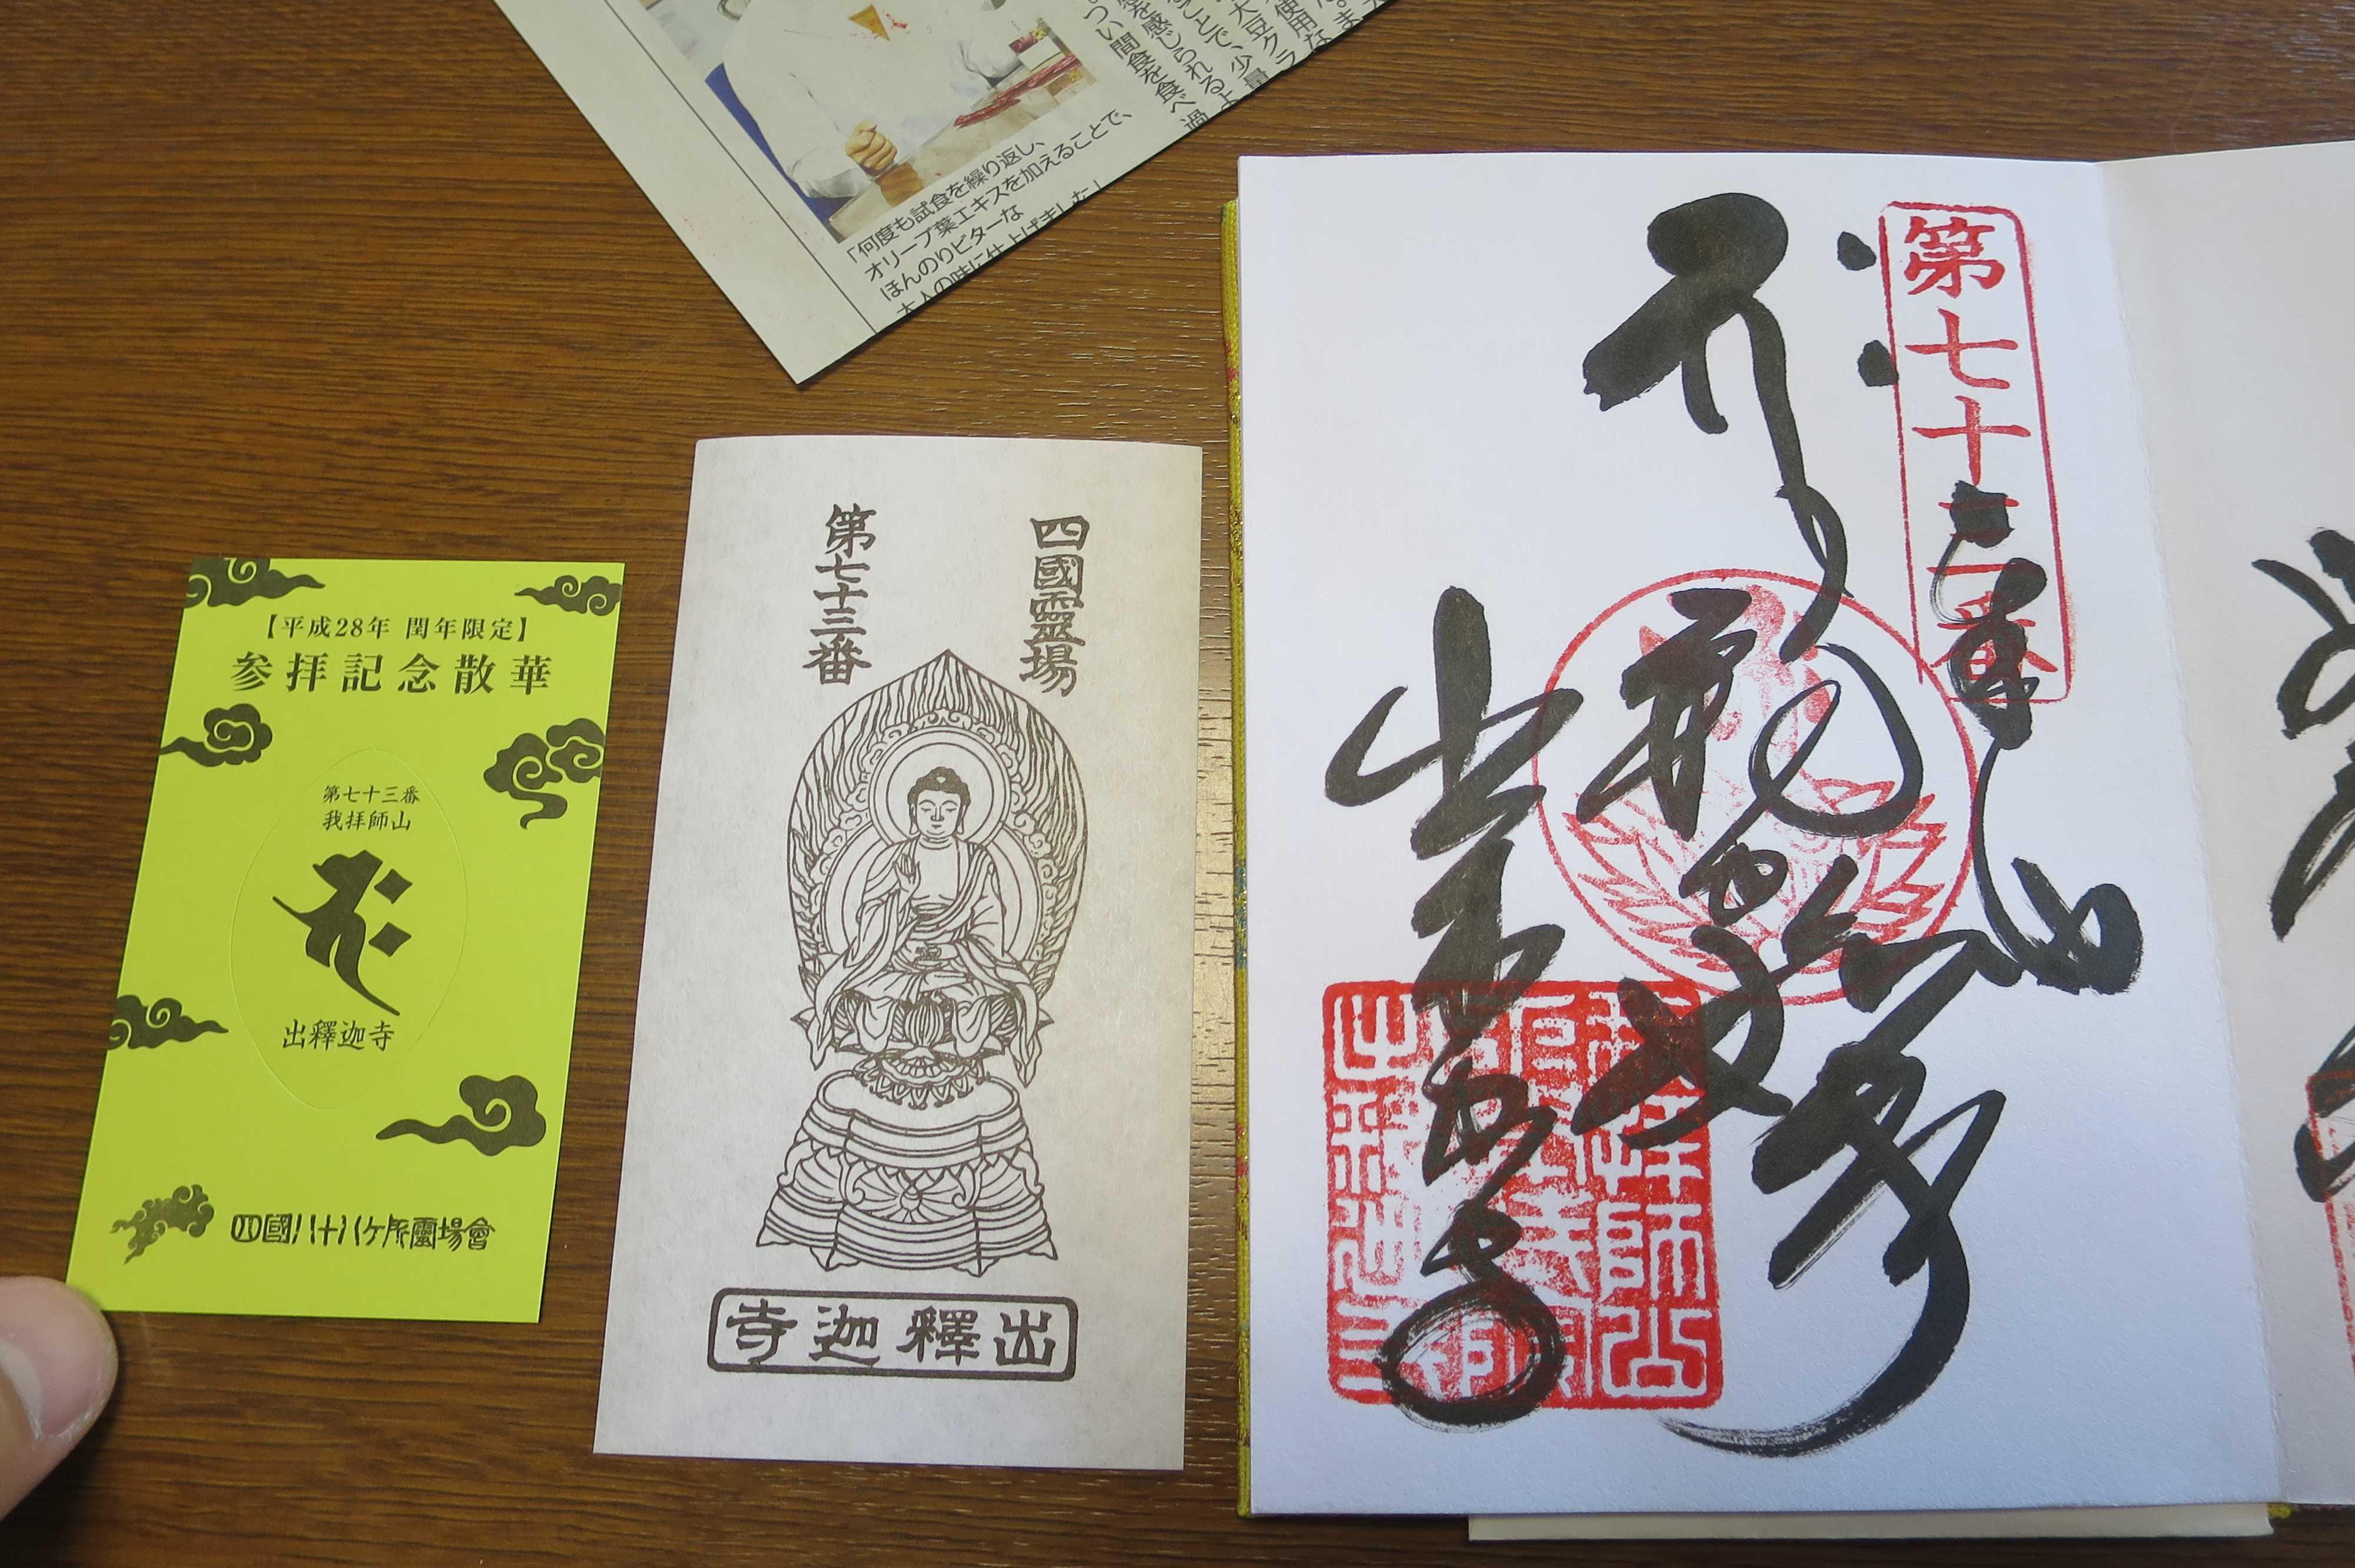 (左)参拝記念散華 (中央)釈迦如来 (右)出釈迦寺の御朱印